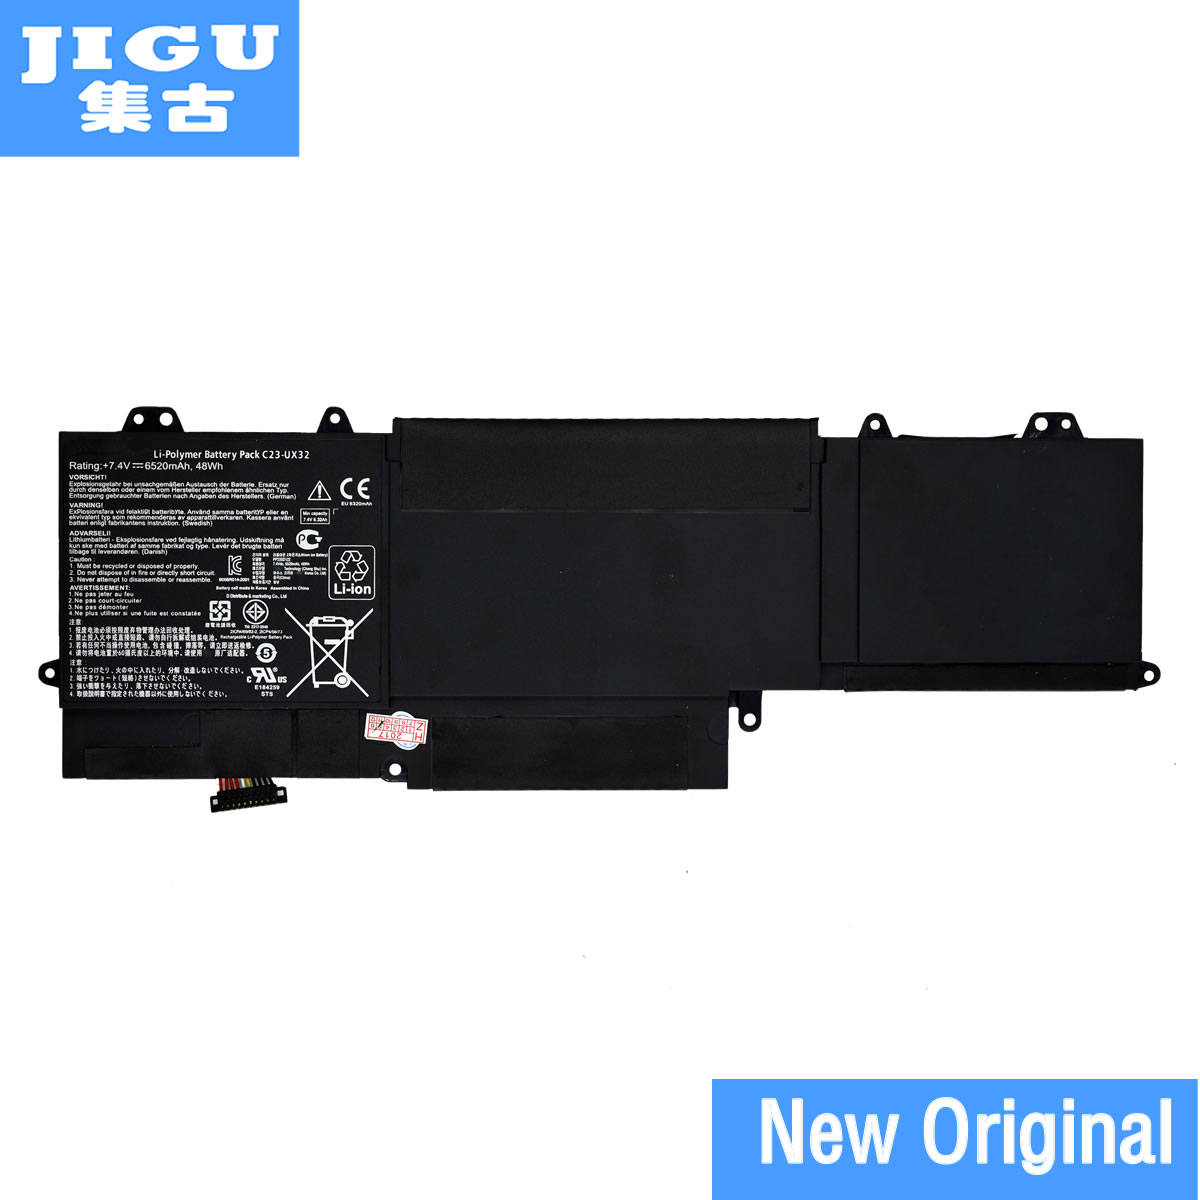 JIGU C23-UX32 Batterie d'ordinateur portable D'origine Pour Asus VivoBook U38N U38K U38DT pour Zenbook UX32 UX32VD UX32LA 7.4 v 48WH